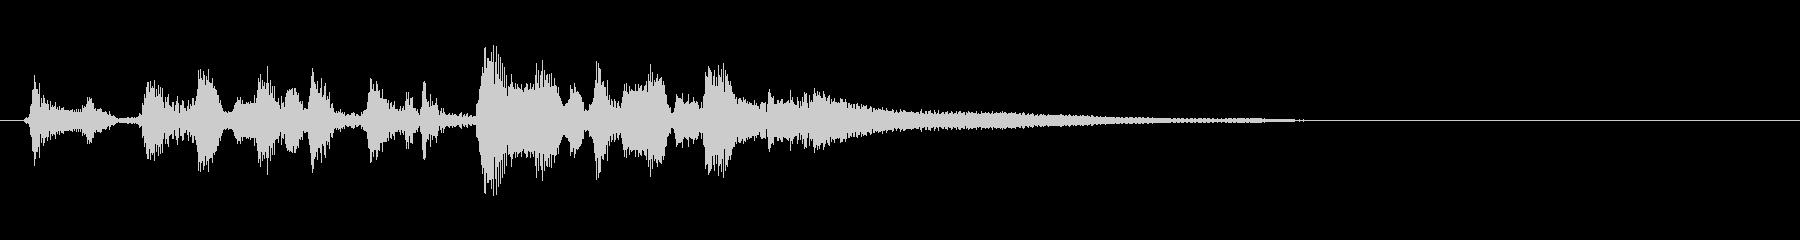 ヨーロッパ風ジプシーバイオリンジングルの未再生の波形